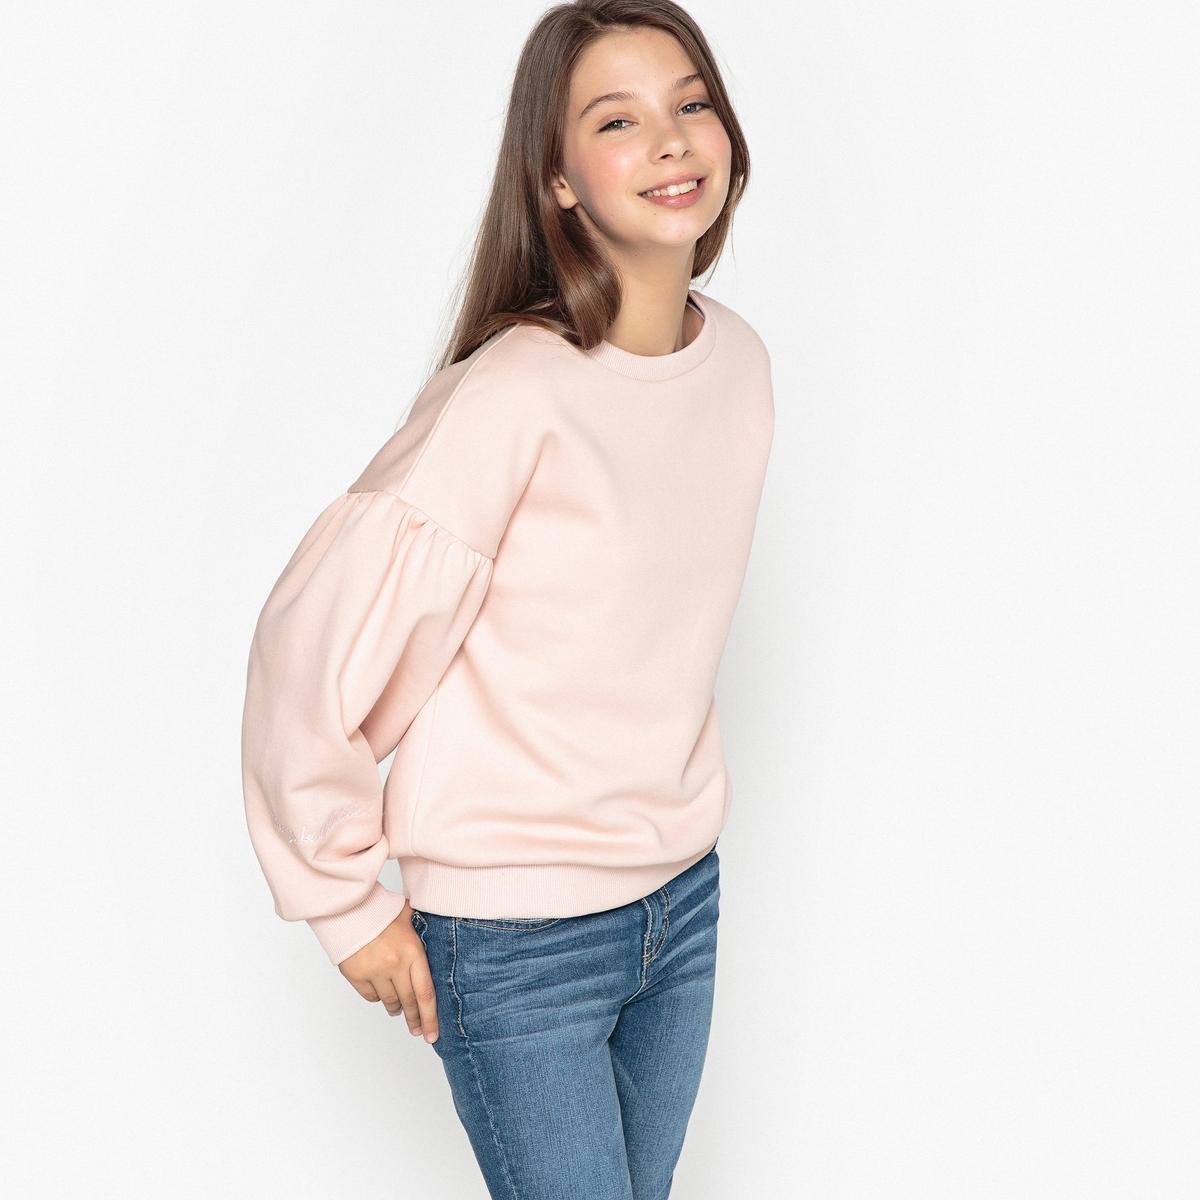 Свитшот La Redoute С длинными рукавами с вышивкой 14 лет - 156 см розовый цены